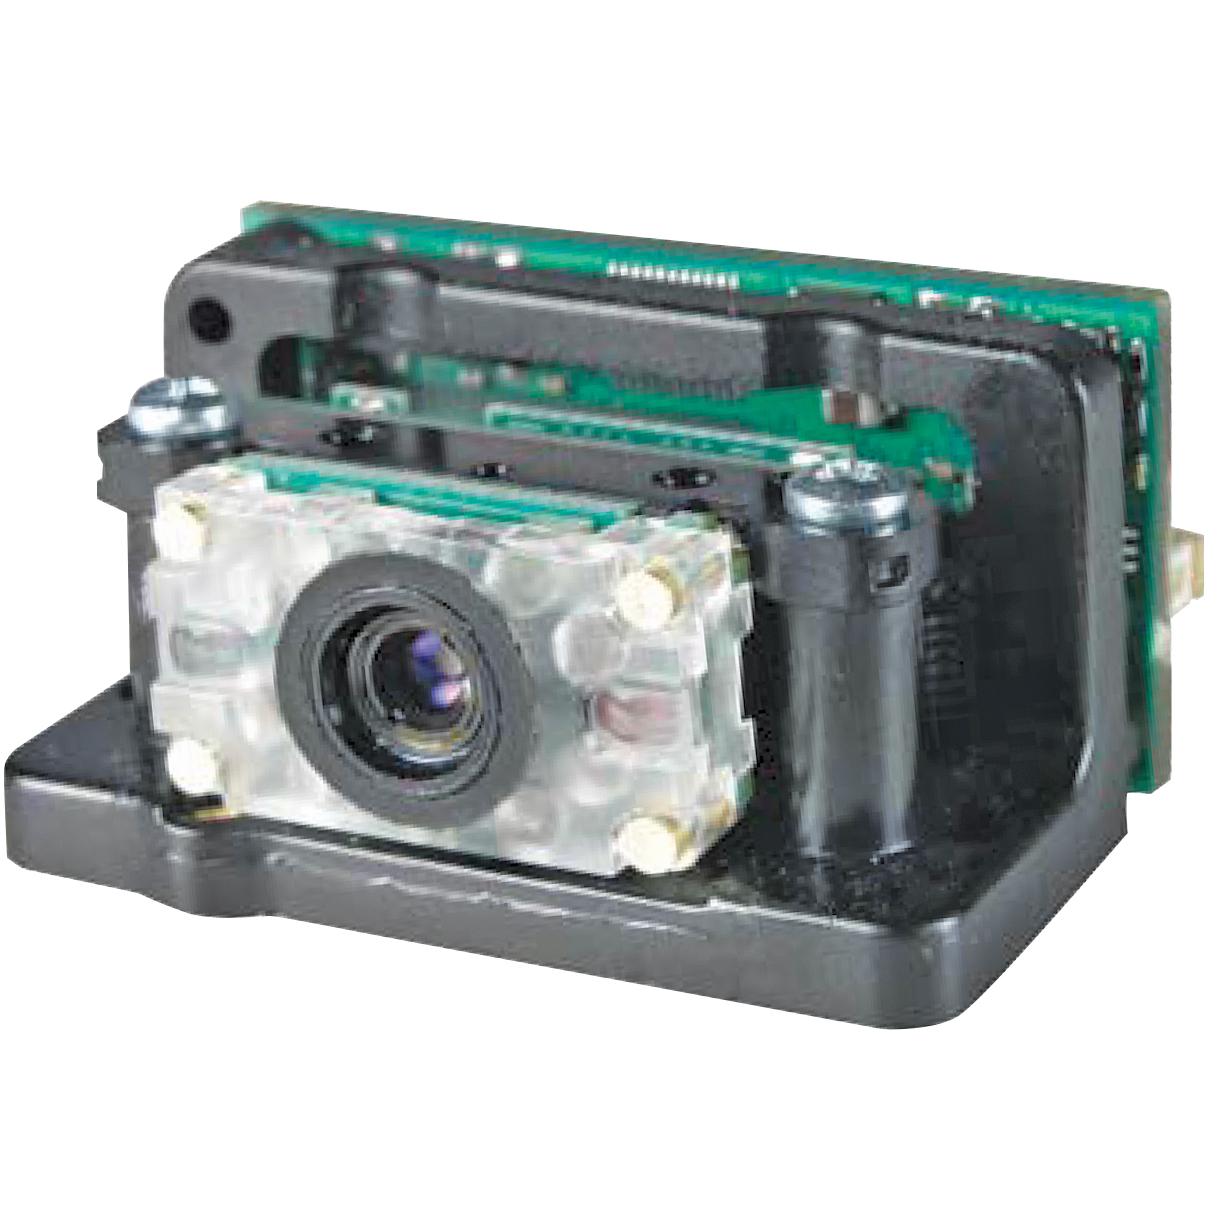 N5X80 Series 2D Scan Engines